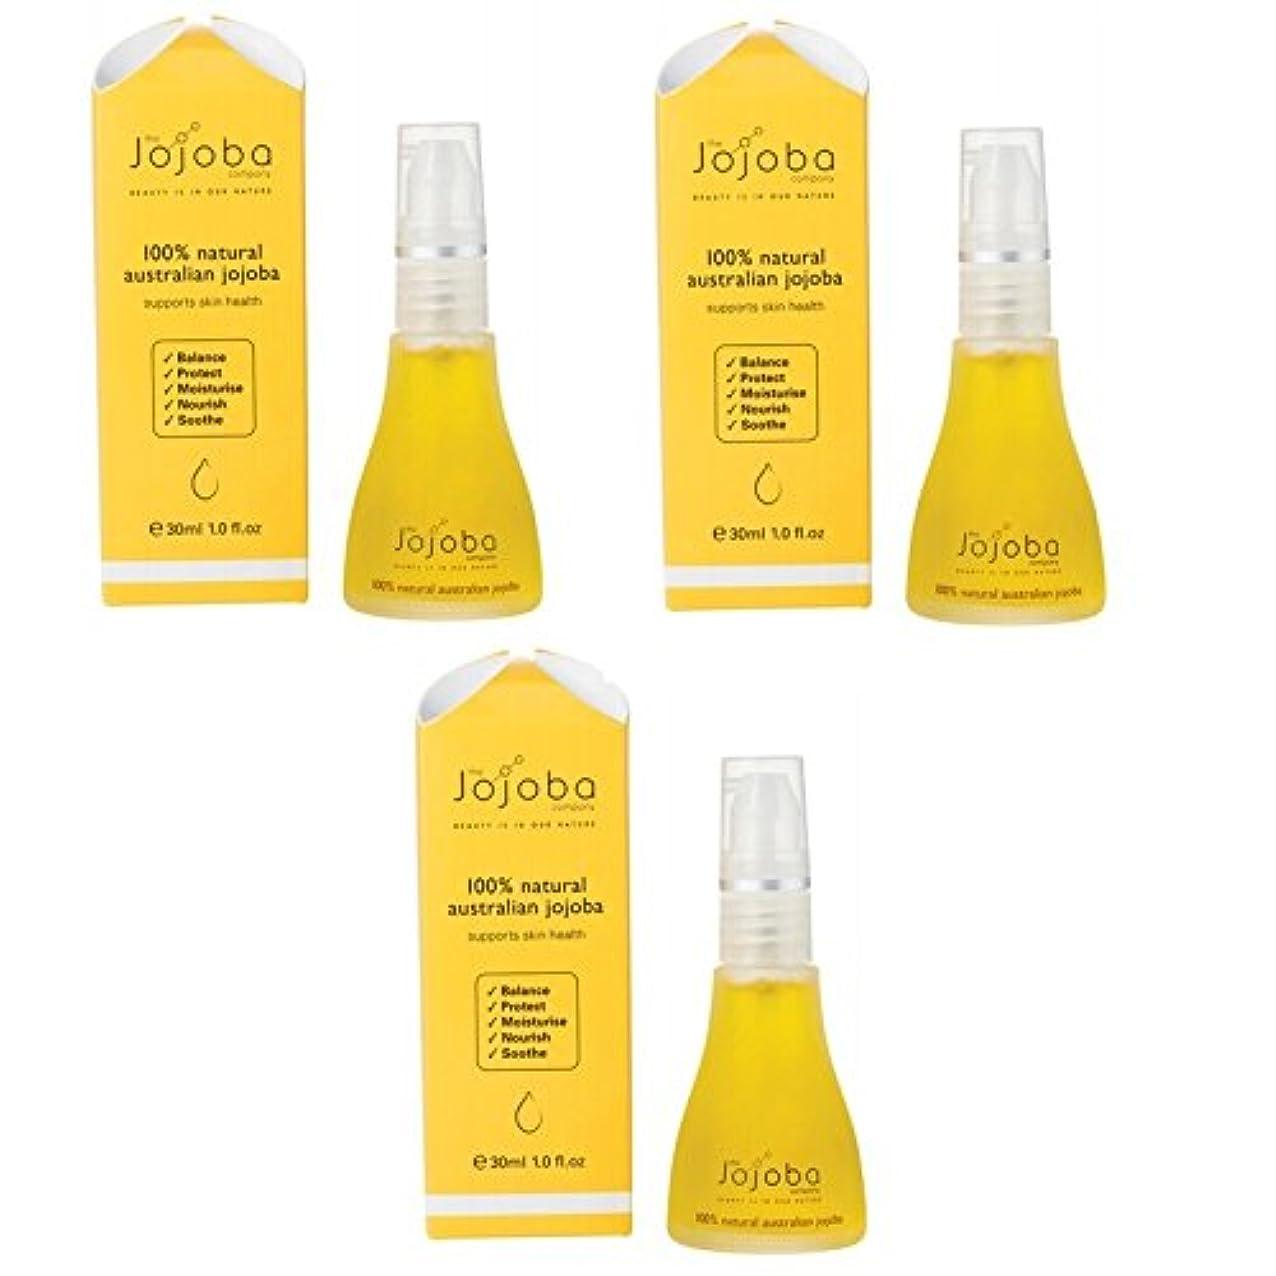 従順な材料ゼリーthe Jojoba Company 100% Natural Australian Jojoba Oil 30ml 3本セット [海外直送品]